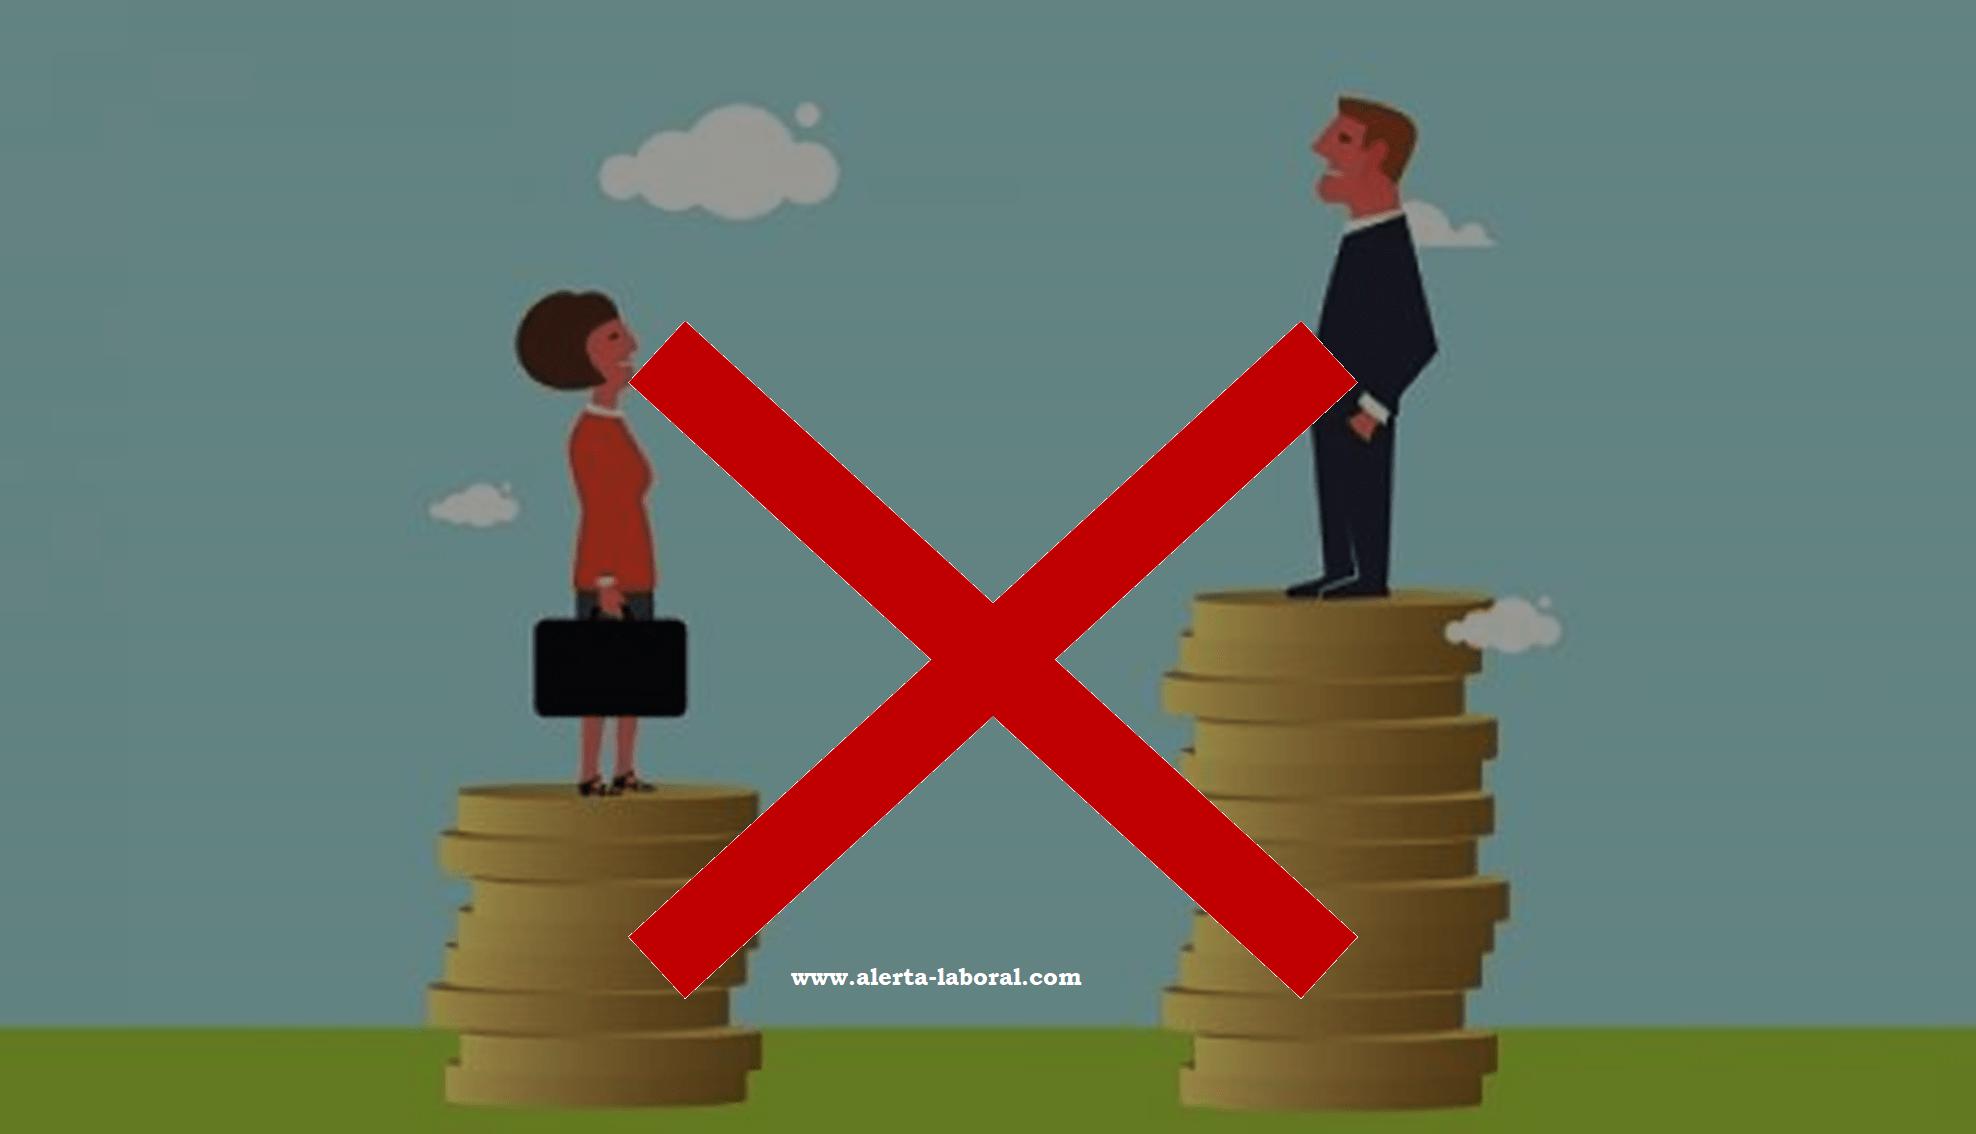 Prohibido la discriminación remunerativa entre varones y mujeres, tambien la renovacion de contrato a mujer gestante o lactante